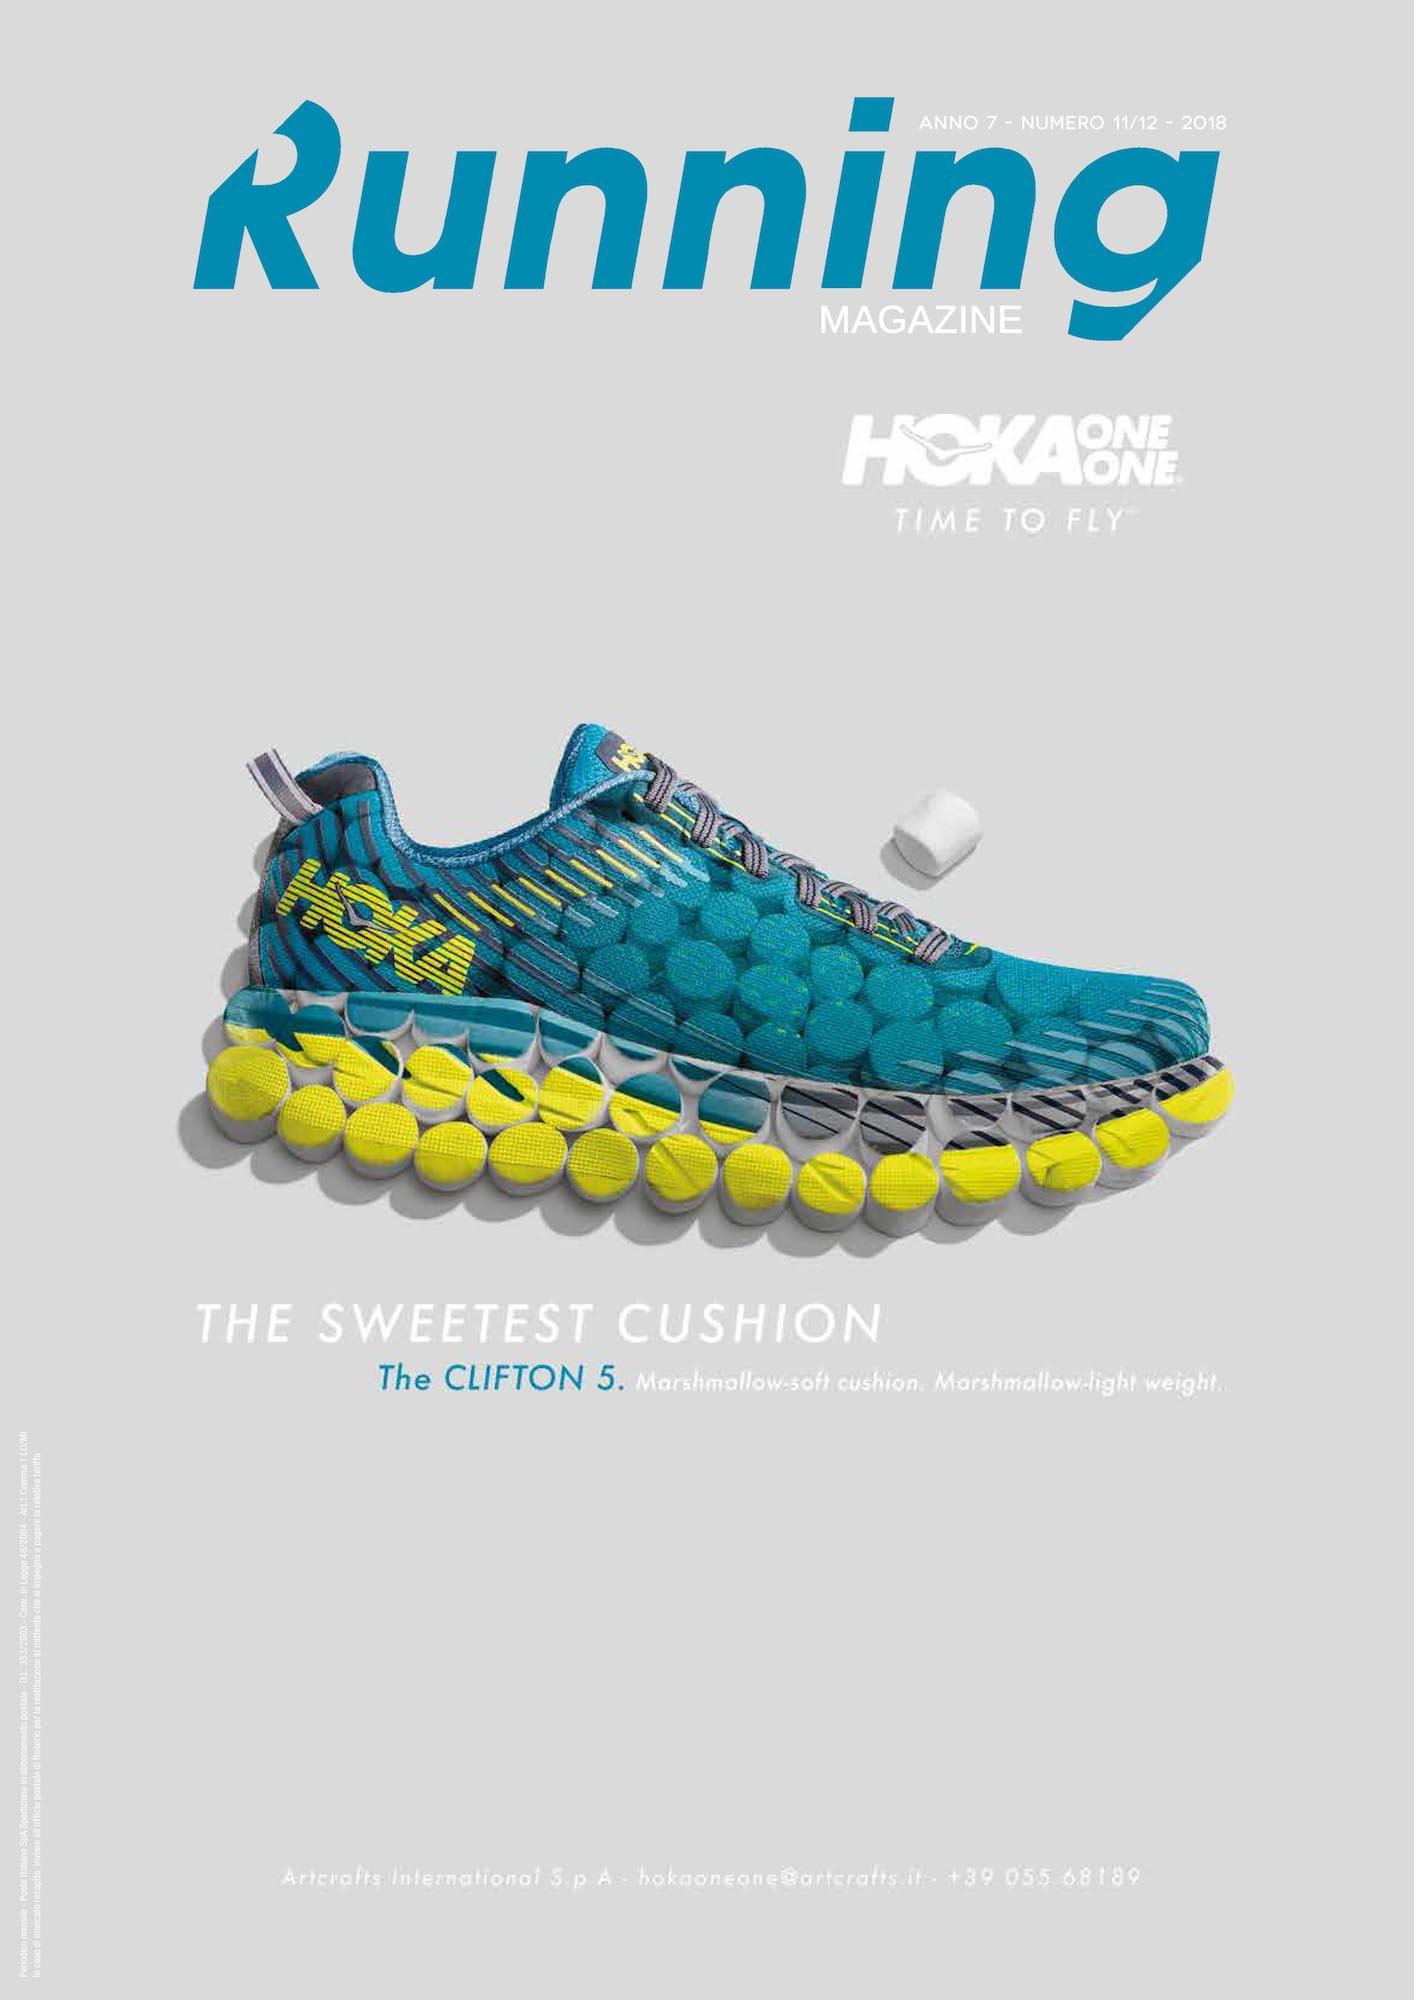 Running Mag 11/12_2018